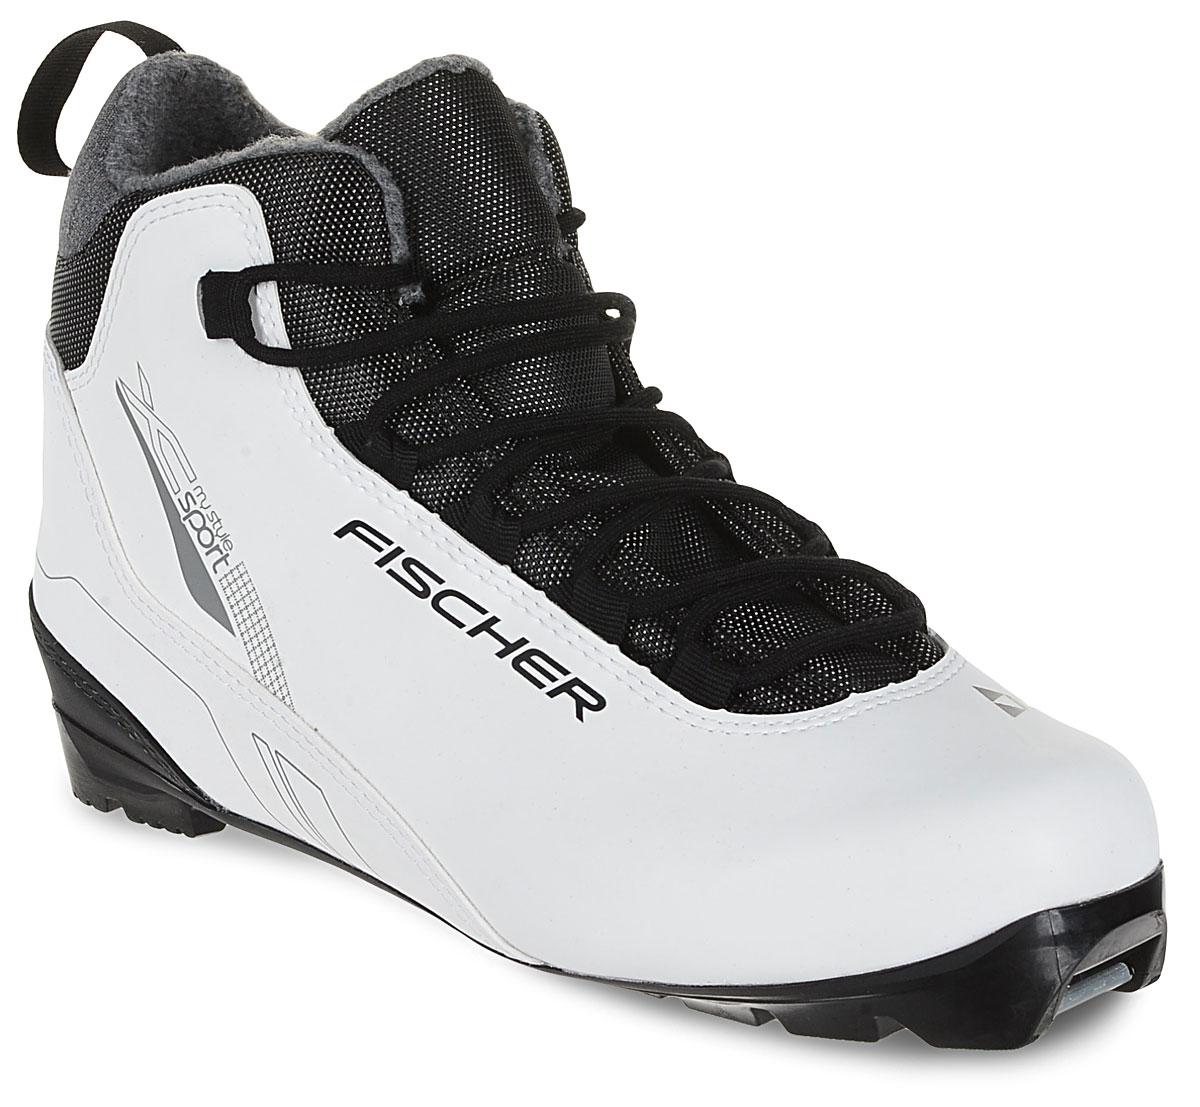 Лыжные ботинки Fischer XC Sport My Style, цвет: белый. Размер 42S30017Fischer XC Sport My Style - это отличная модель для лыжных прогулок. Женская анатомическая колодка, подошва Soft и более тонкая стелькаобеспечивают комфорт и придают необходимую гибкость подошве.Технологии:Internal Molded HeelCap - внутренняя пластиковая вставка анатомической формы в пяточной части. Очень легкая и термоформируемая.Easy Entry Loops - широкое раскрытие ботинка и практичная петля на пятке облегчают надевание/снимание ботинок.Cleansport NXT- специальная пропитка подкладки и стелек ботинок. Система из полезных микробов, которые устраняют неприятный запах.T3 - полиуретановая подошва с хорошей гибкостью, устойчивая к износу при ходьбе. Также используется в детских ботинках.Ladies Fit Concept - для женской целевой группы разработан свой тип колодки, который обеспечивает наилучший комфорт при катании имаксимальную передачу энергии.